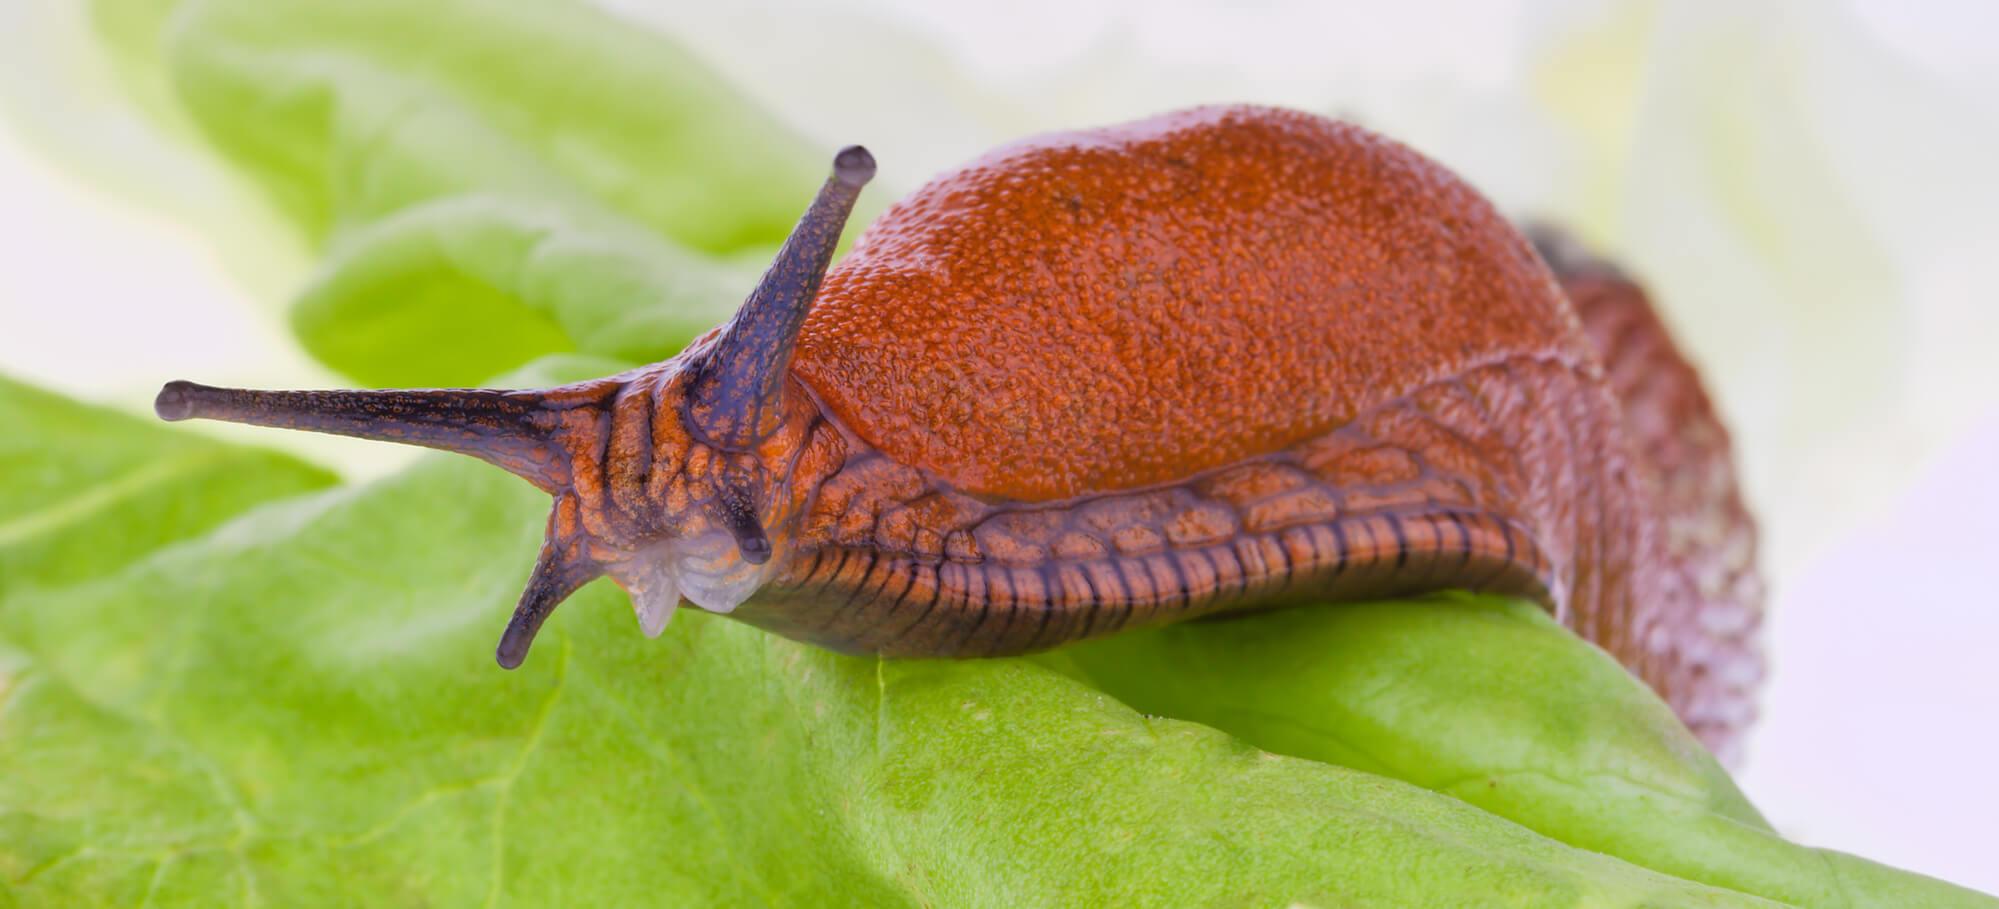 slimy brown slug on a leaf